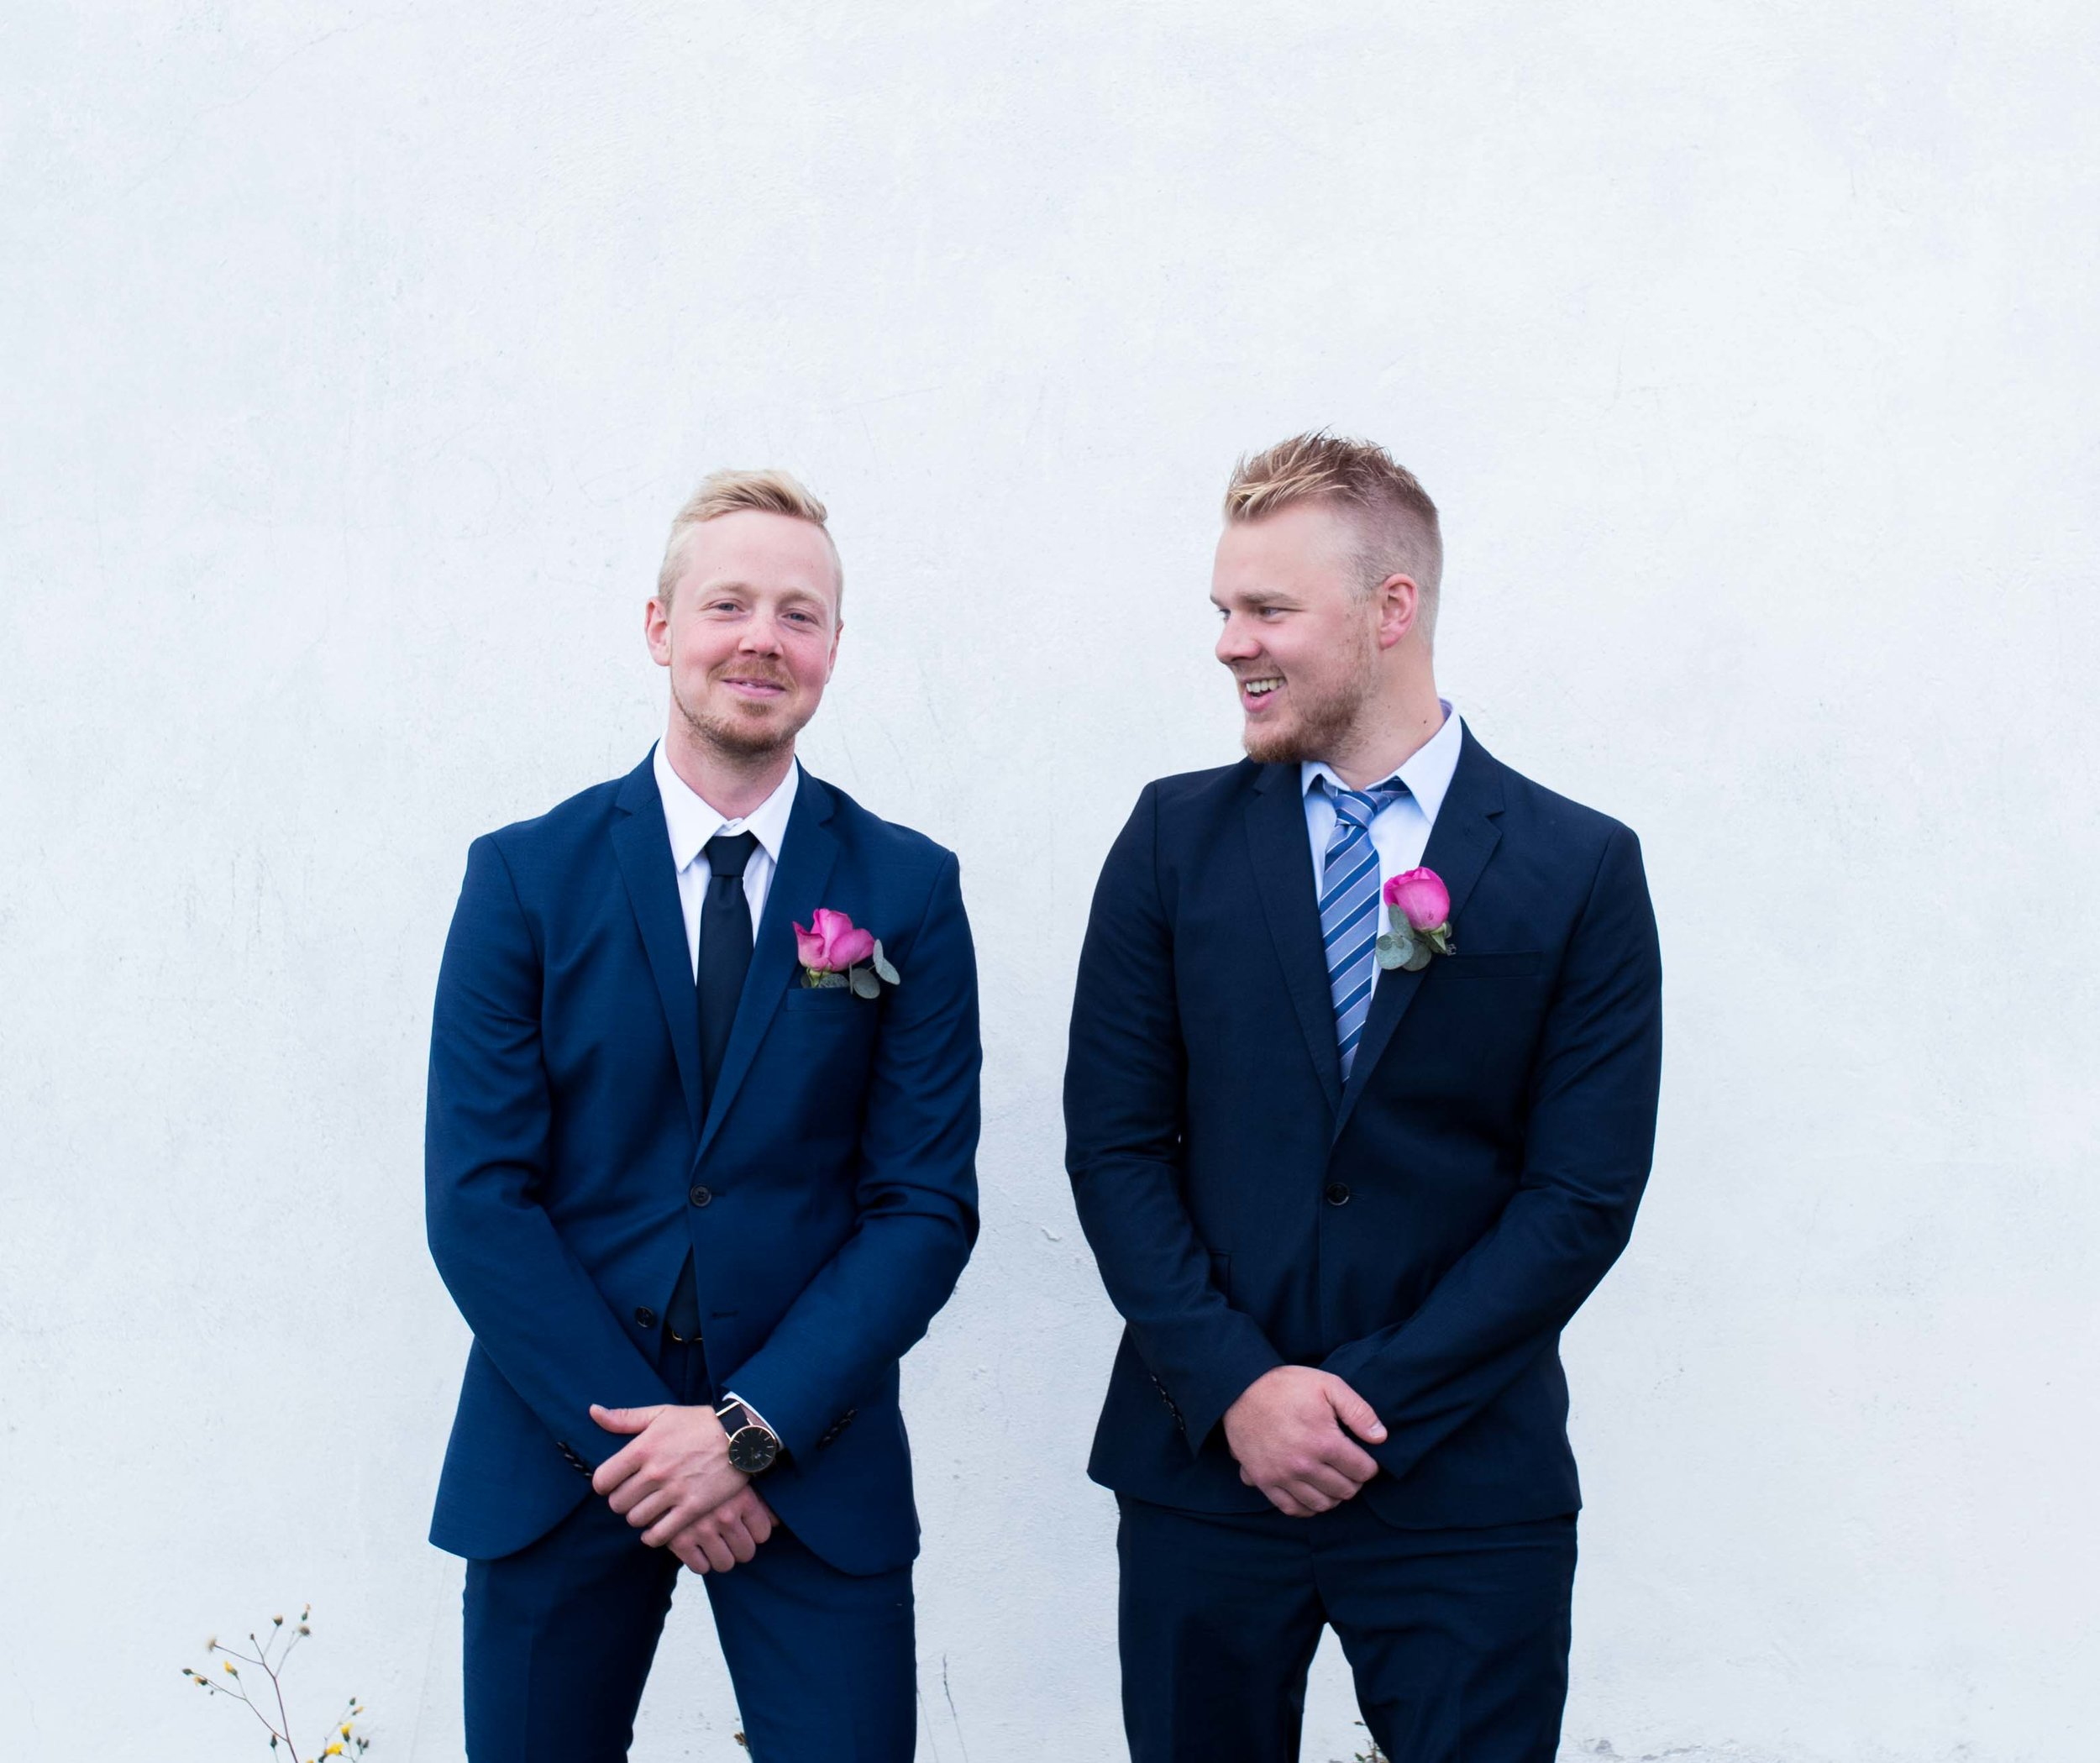 Bröllop2019lågkvall-5126.jpg